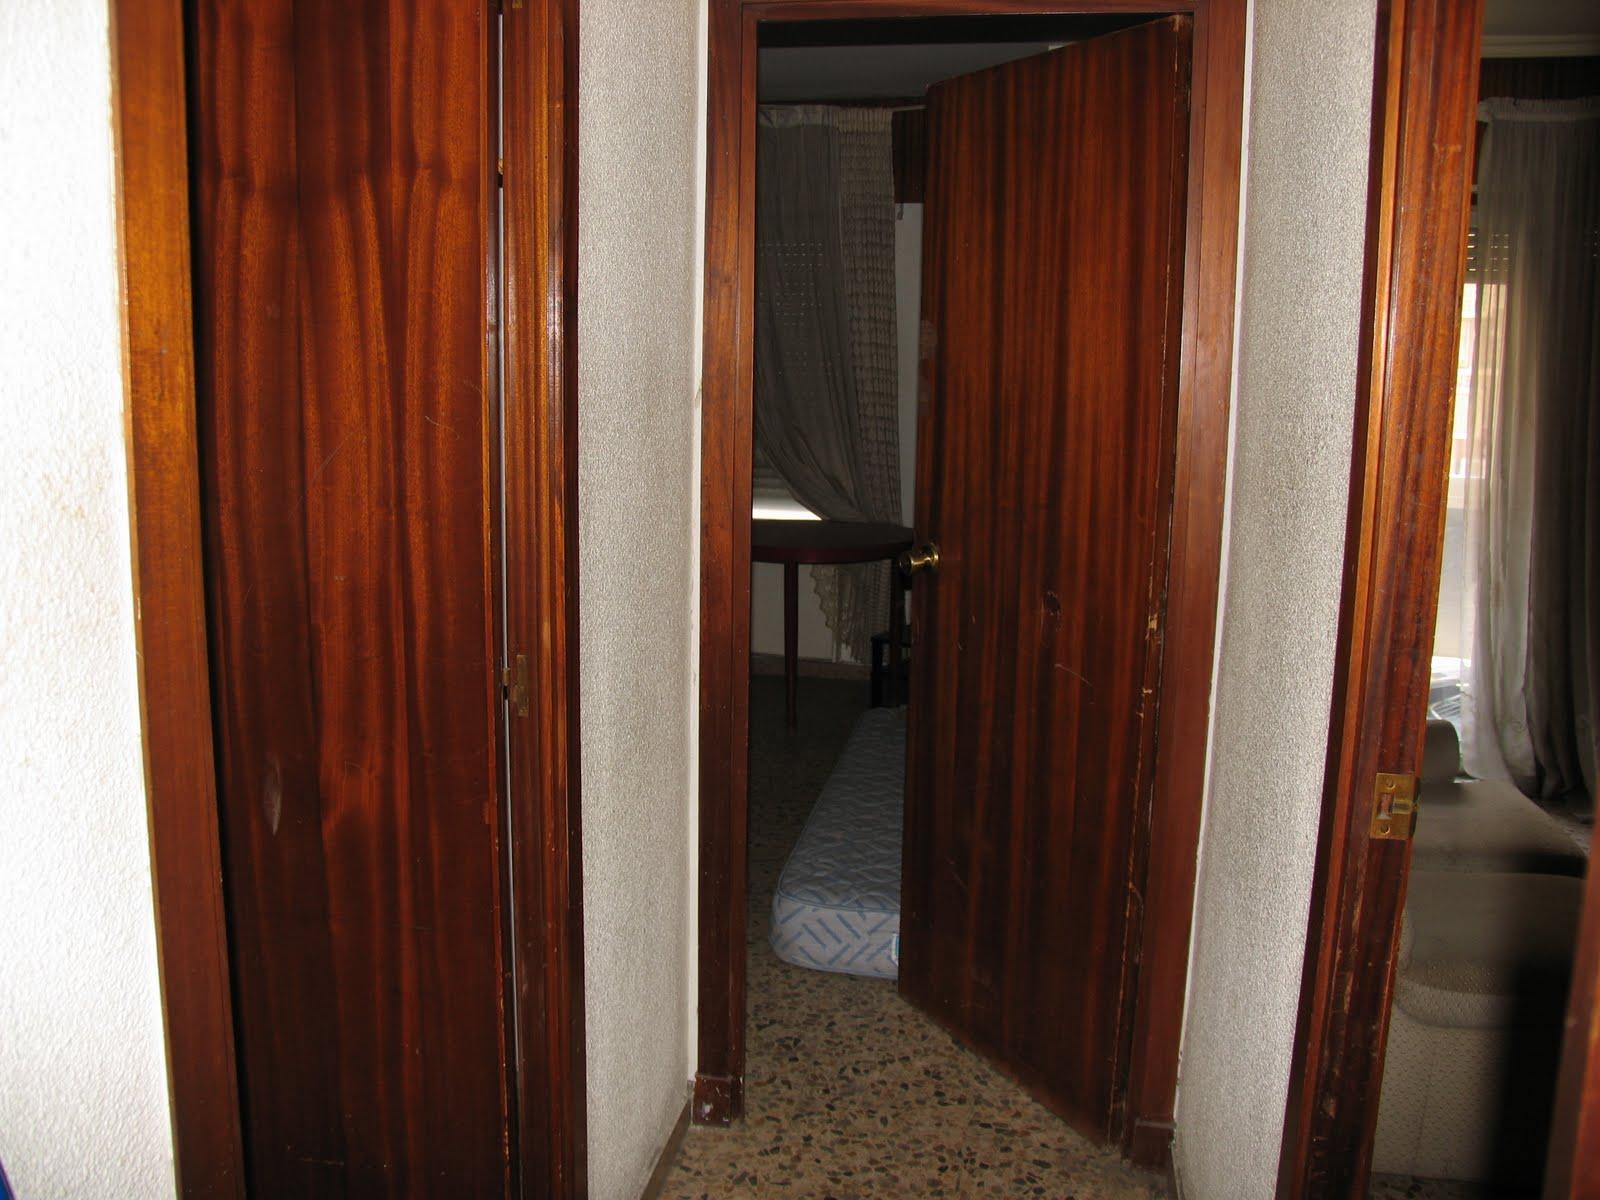 Esp ritu chamarilero lacar puertas en blanco y cambiar for Como pintar puertas de sapeli